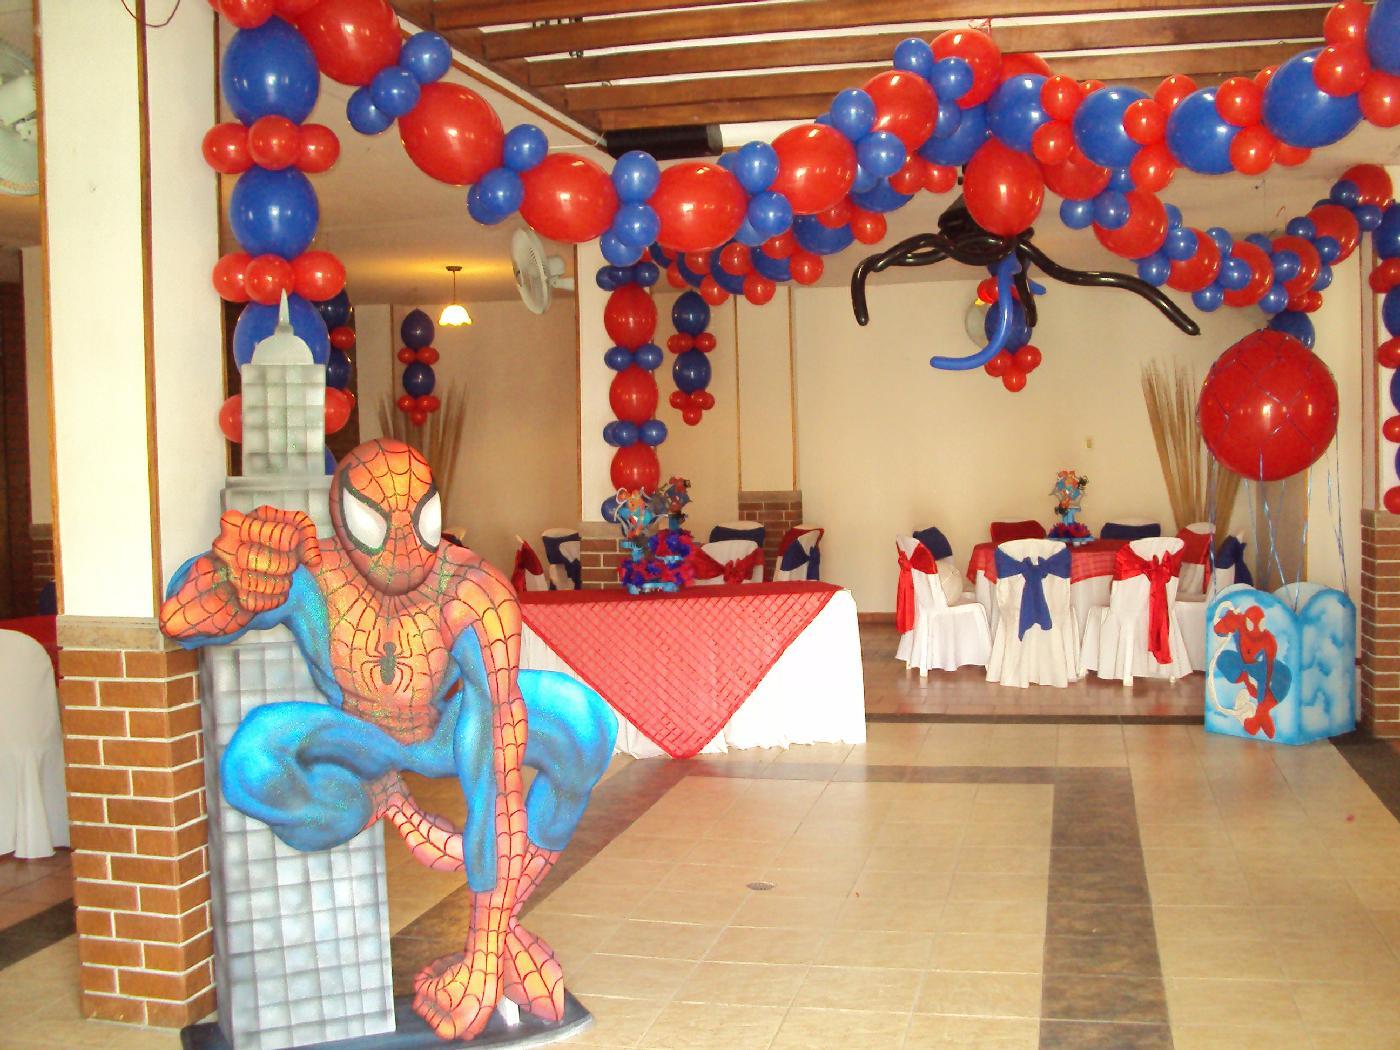 Pin dibujos de horarios clases wallpapers real madrid on - Decoracion fiestas infantiles en casa ...